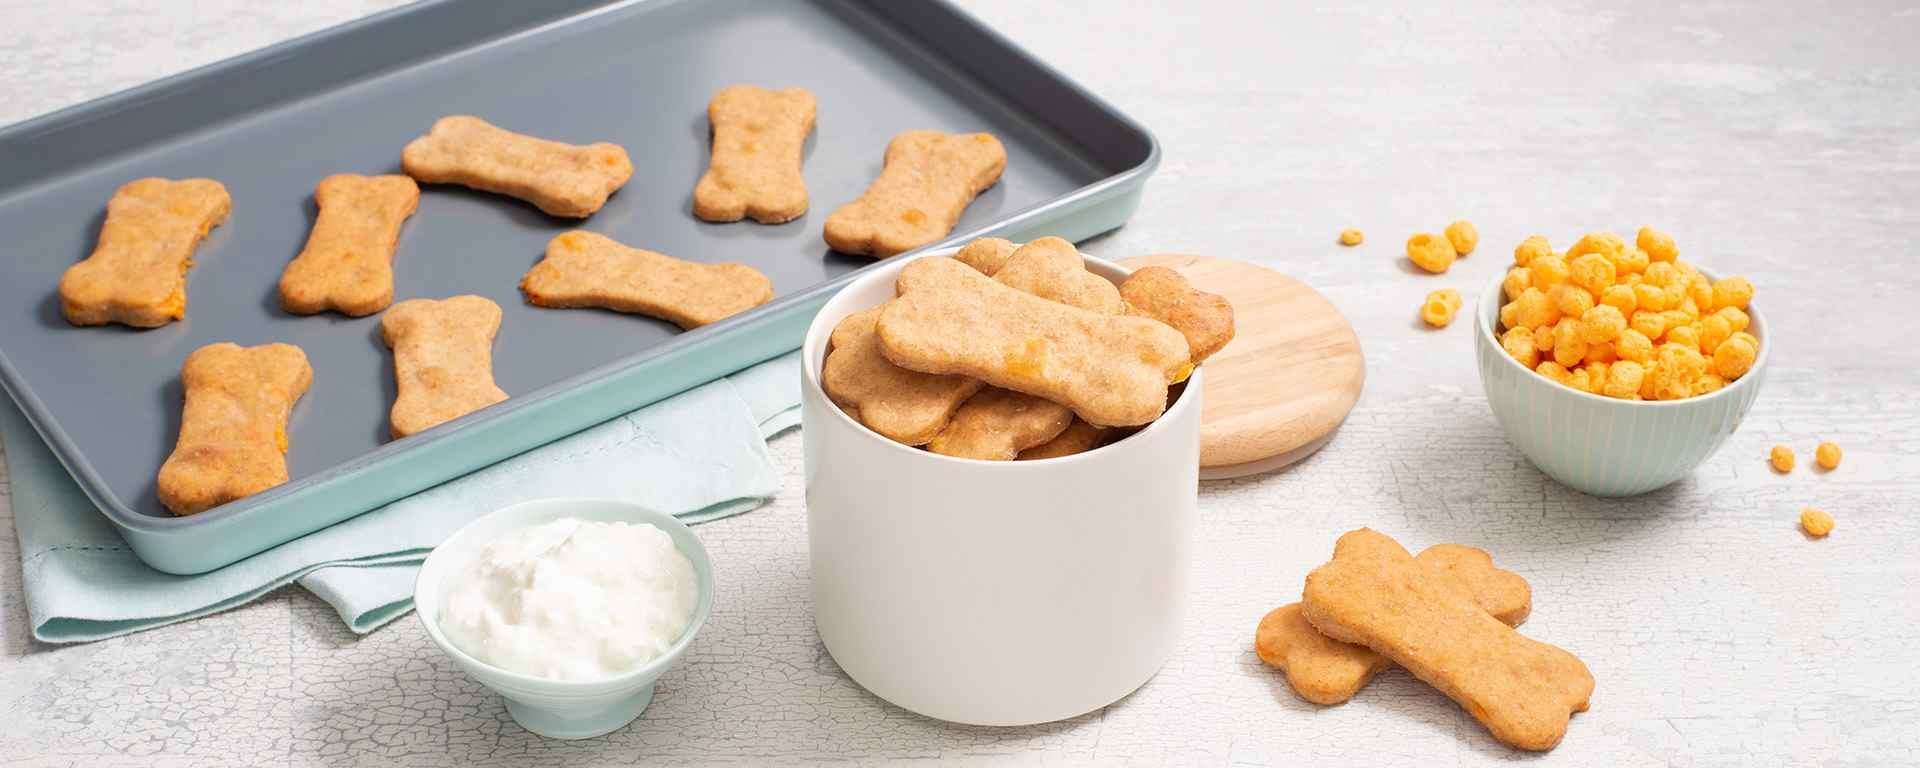 Photo for - Biscuits pour chiens au fromage et beurre d'arachide